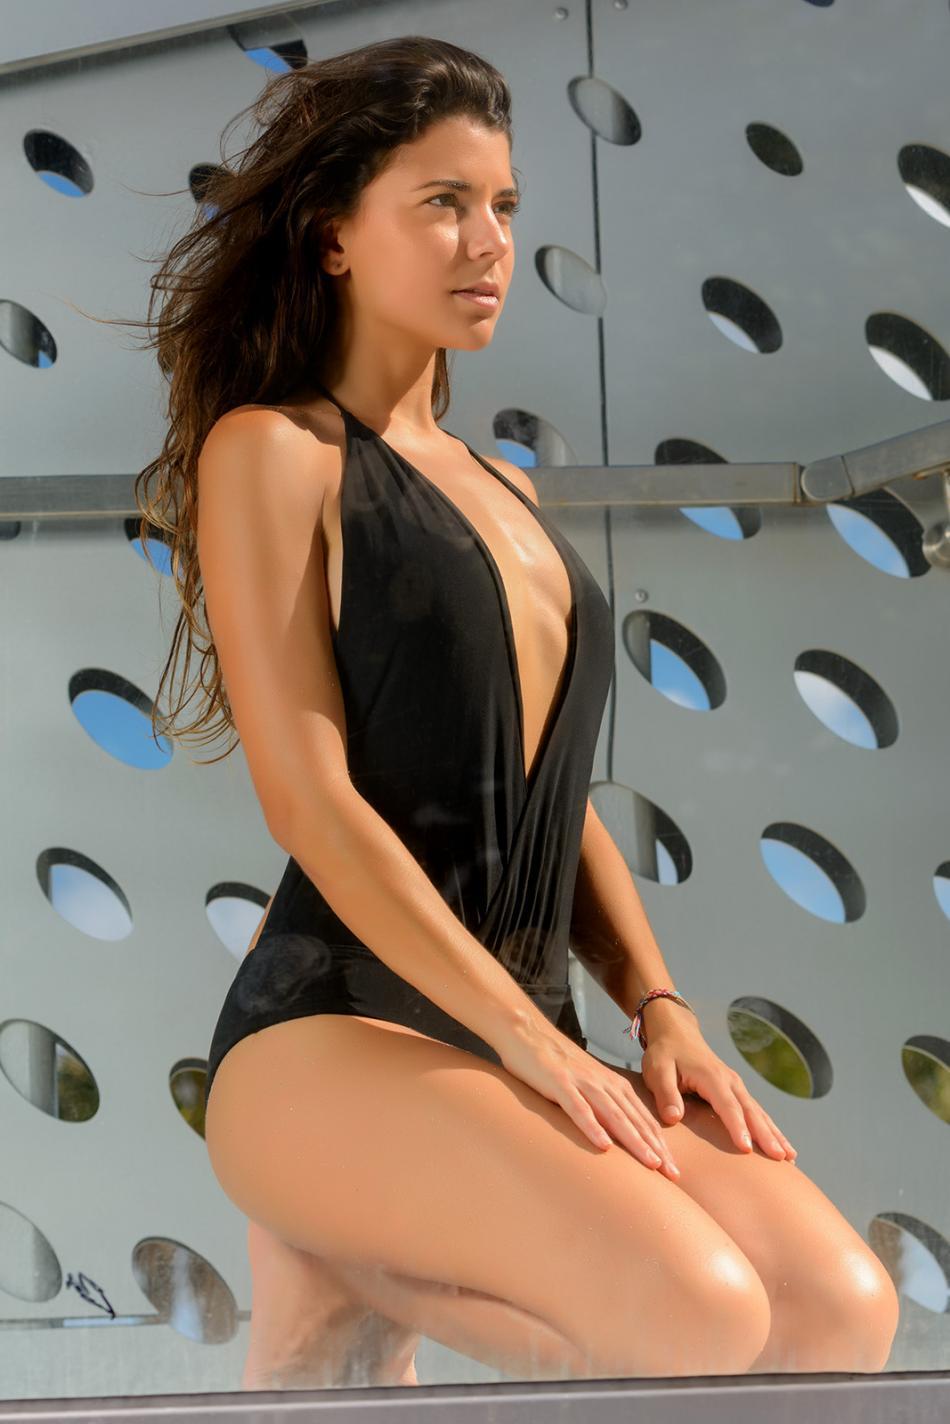 Ladyfordaddy.com Daniella Escort Girl In New York 11092712 - 5 5